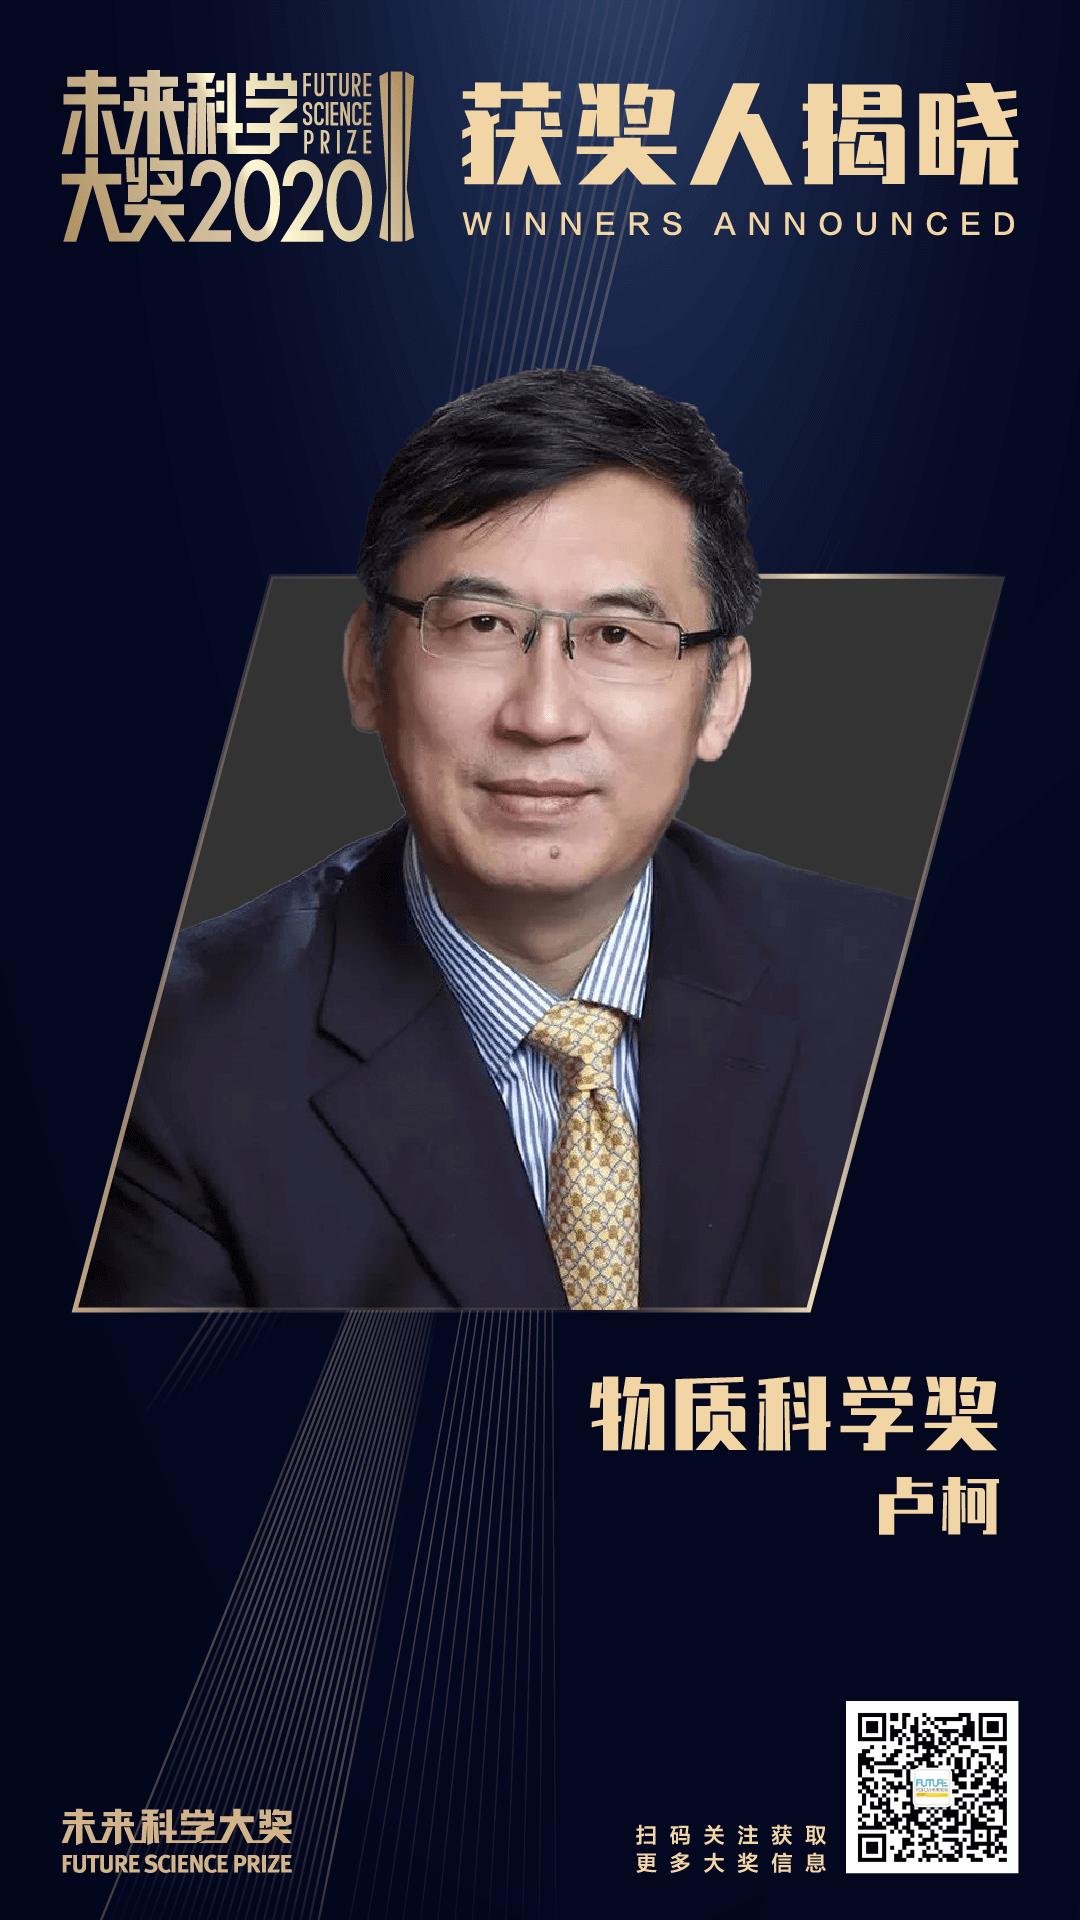 香港高等研究院资深院士卢柯教授荣获 2020未来科学大奖-物质科学奖